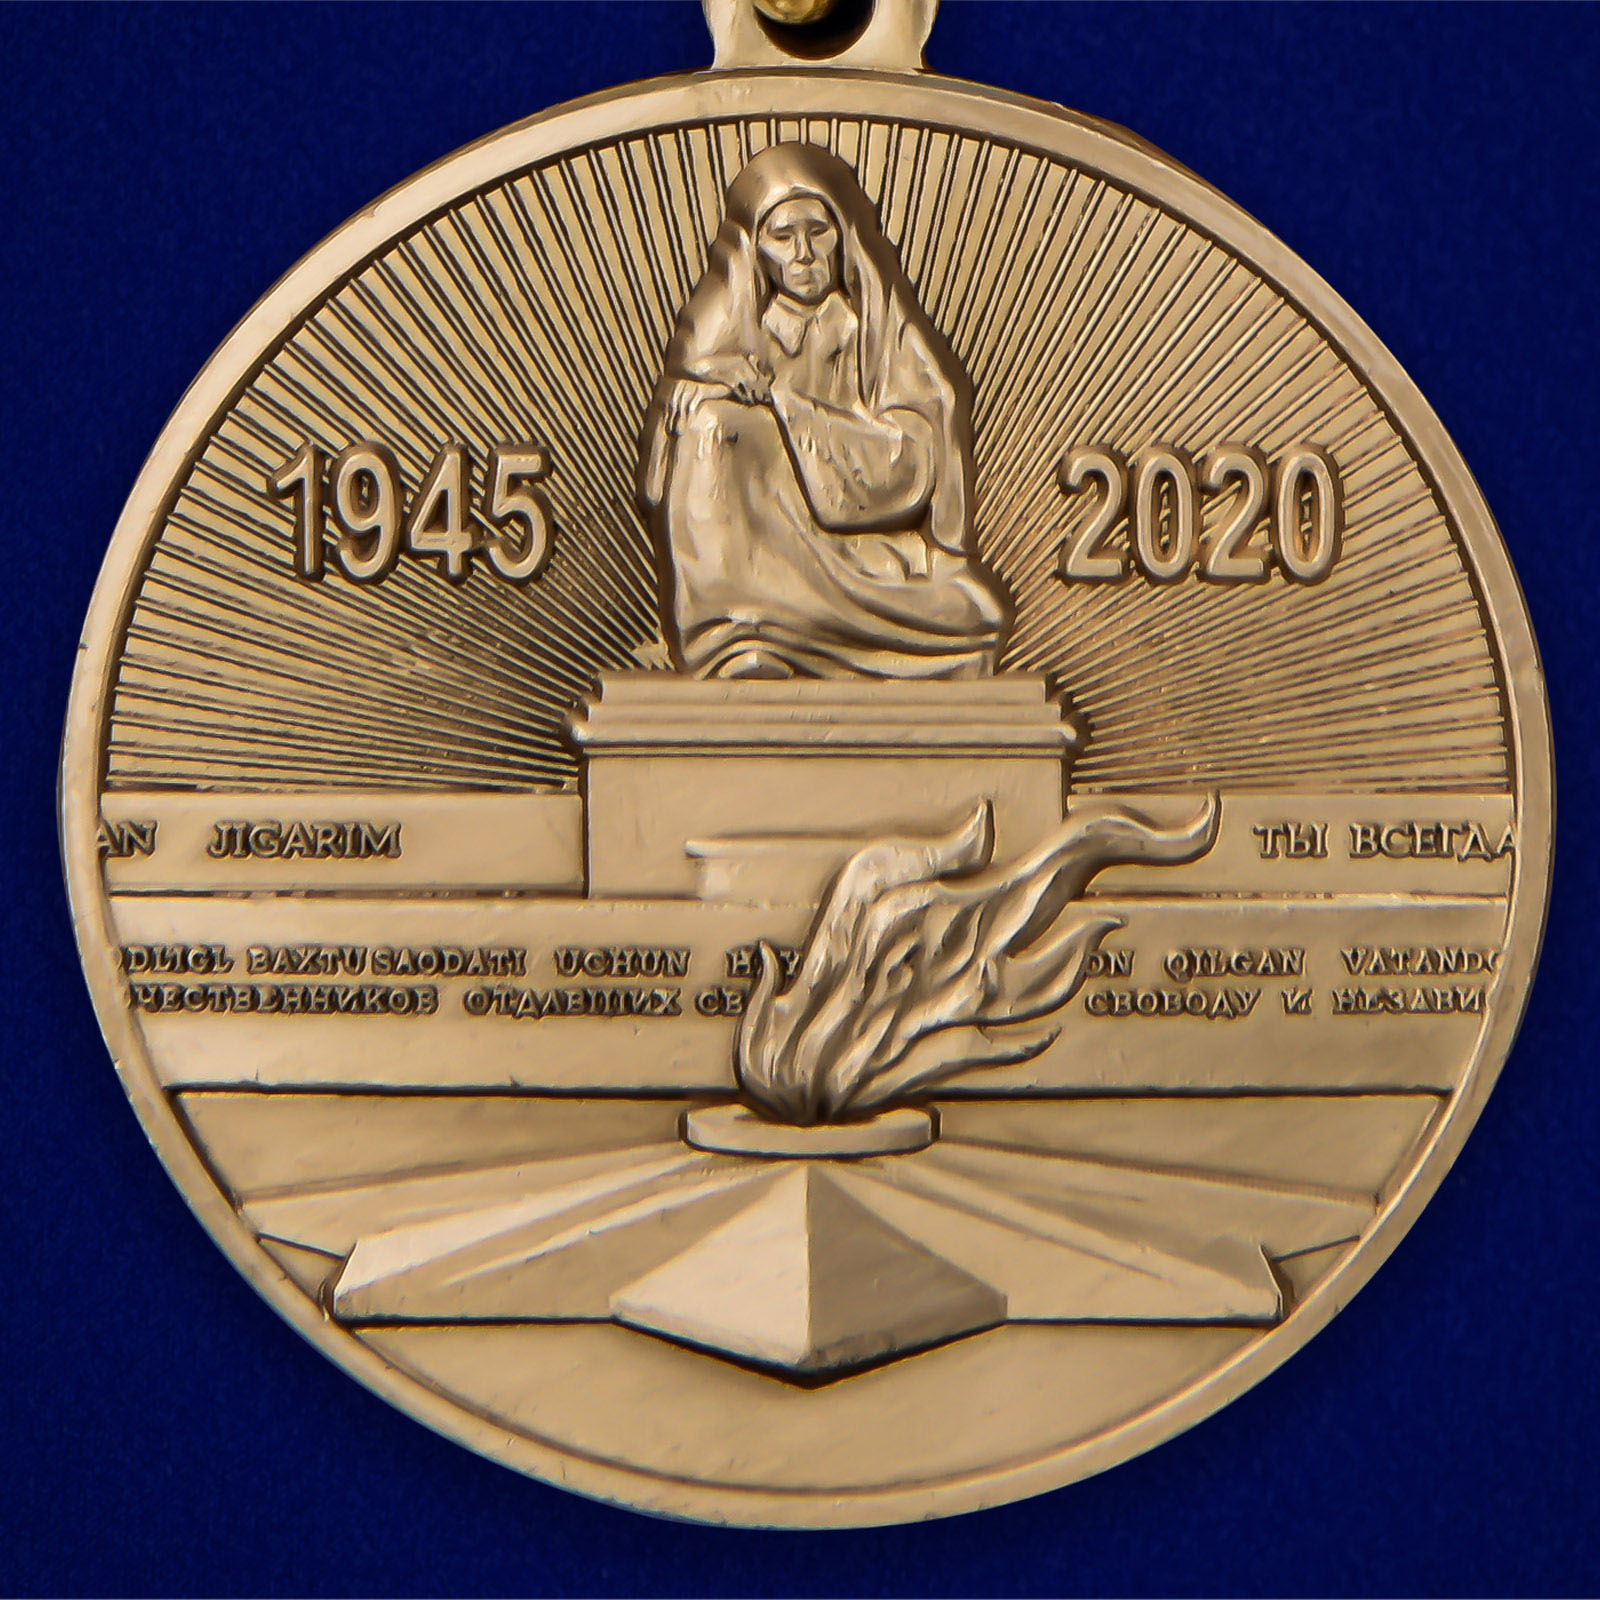 Юбилейная медаль Узбекистана 75 лет Победы во Второй мировой войне